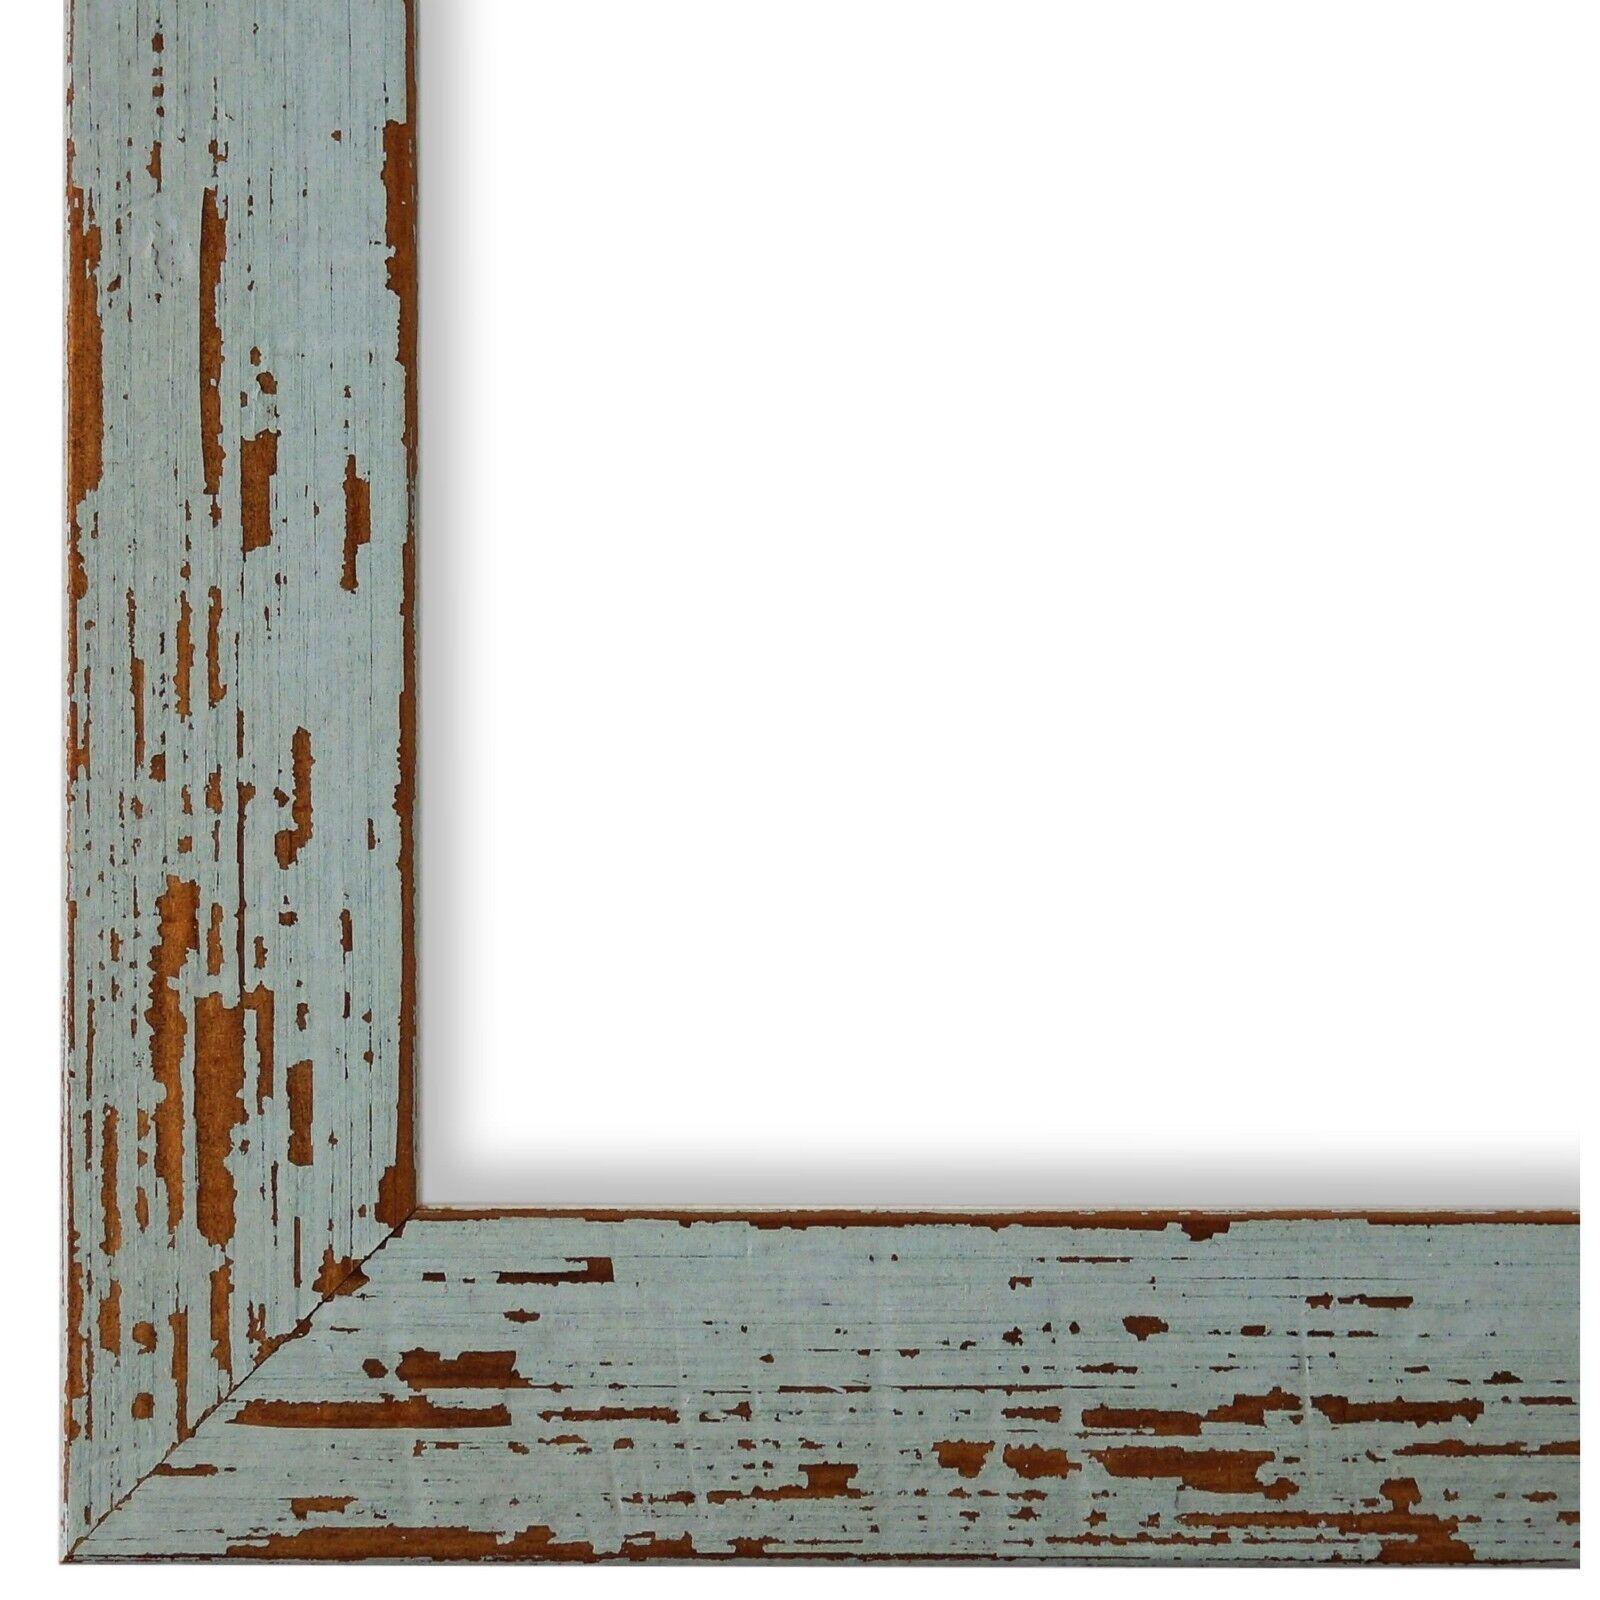 Bilderrahmen Türkis Antik Vintage Holz Cremona 3,0 - 40x60 50x50 50x60 60x60